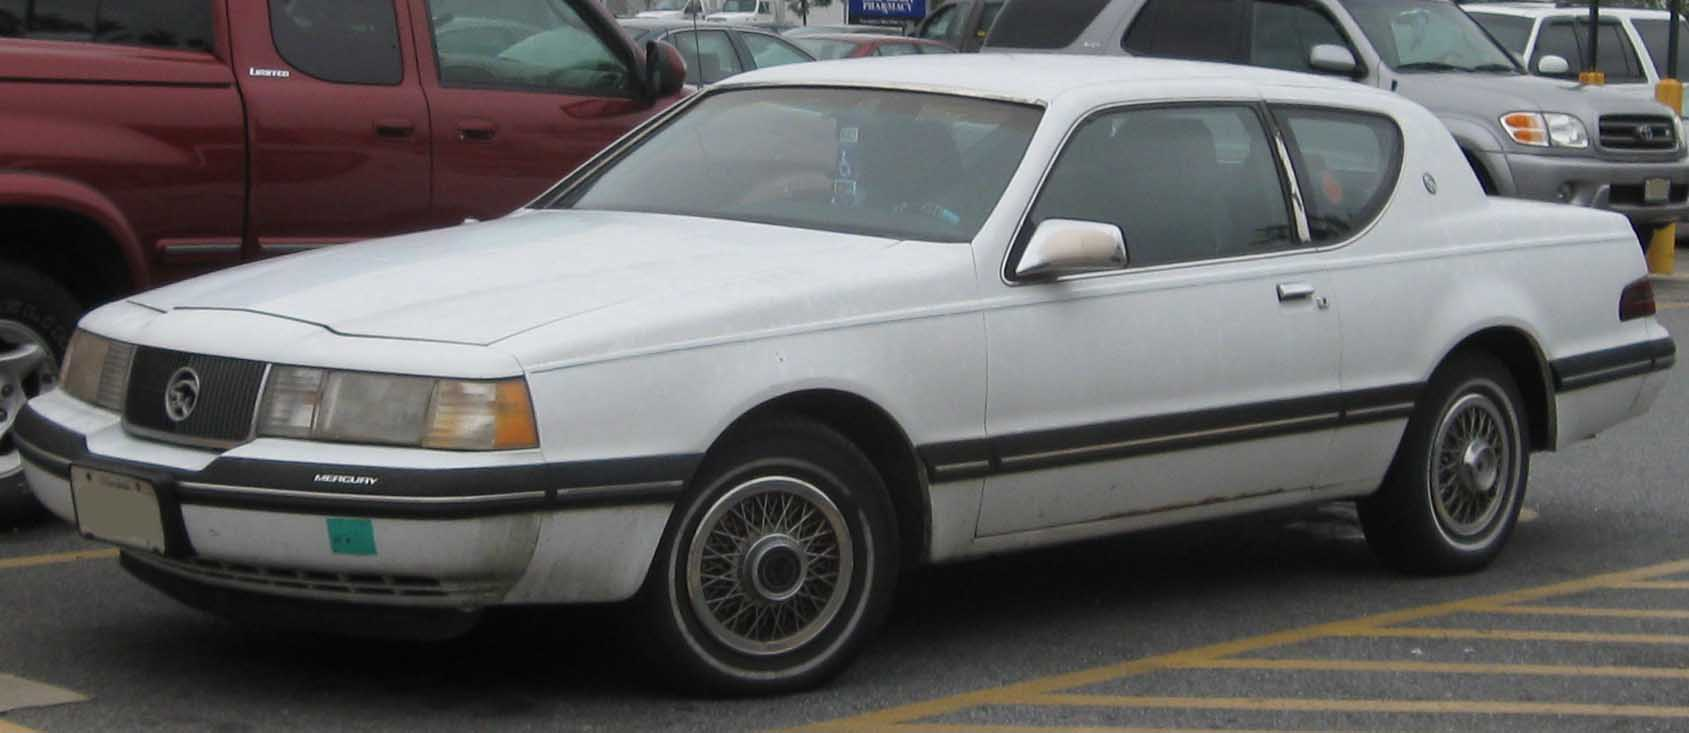 Cheap Cars Clinton Iowa